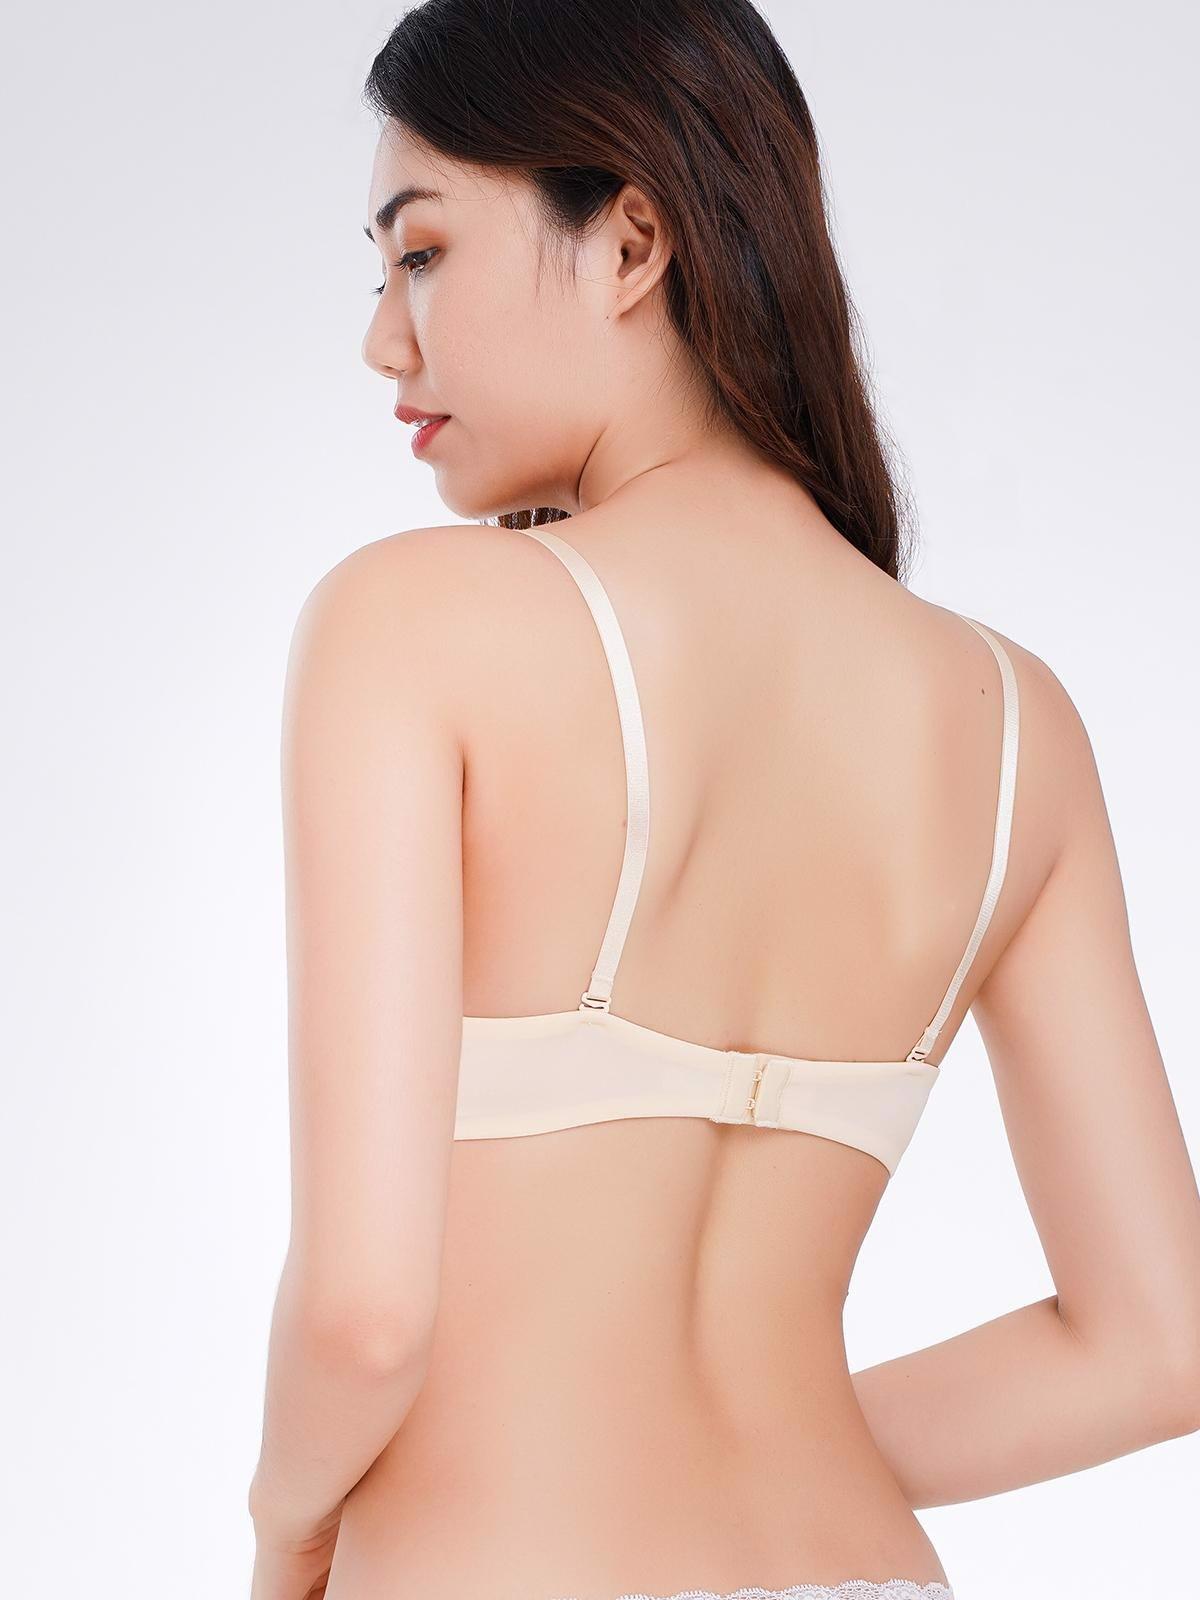 Áo ngực Misaki mút siêu dày cúp trơn - 9102